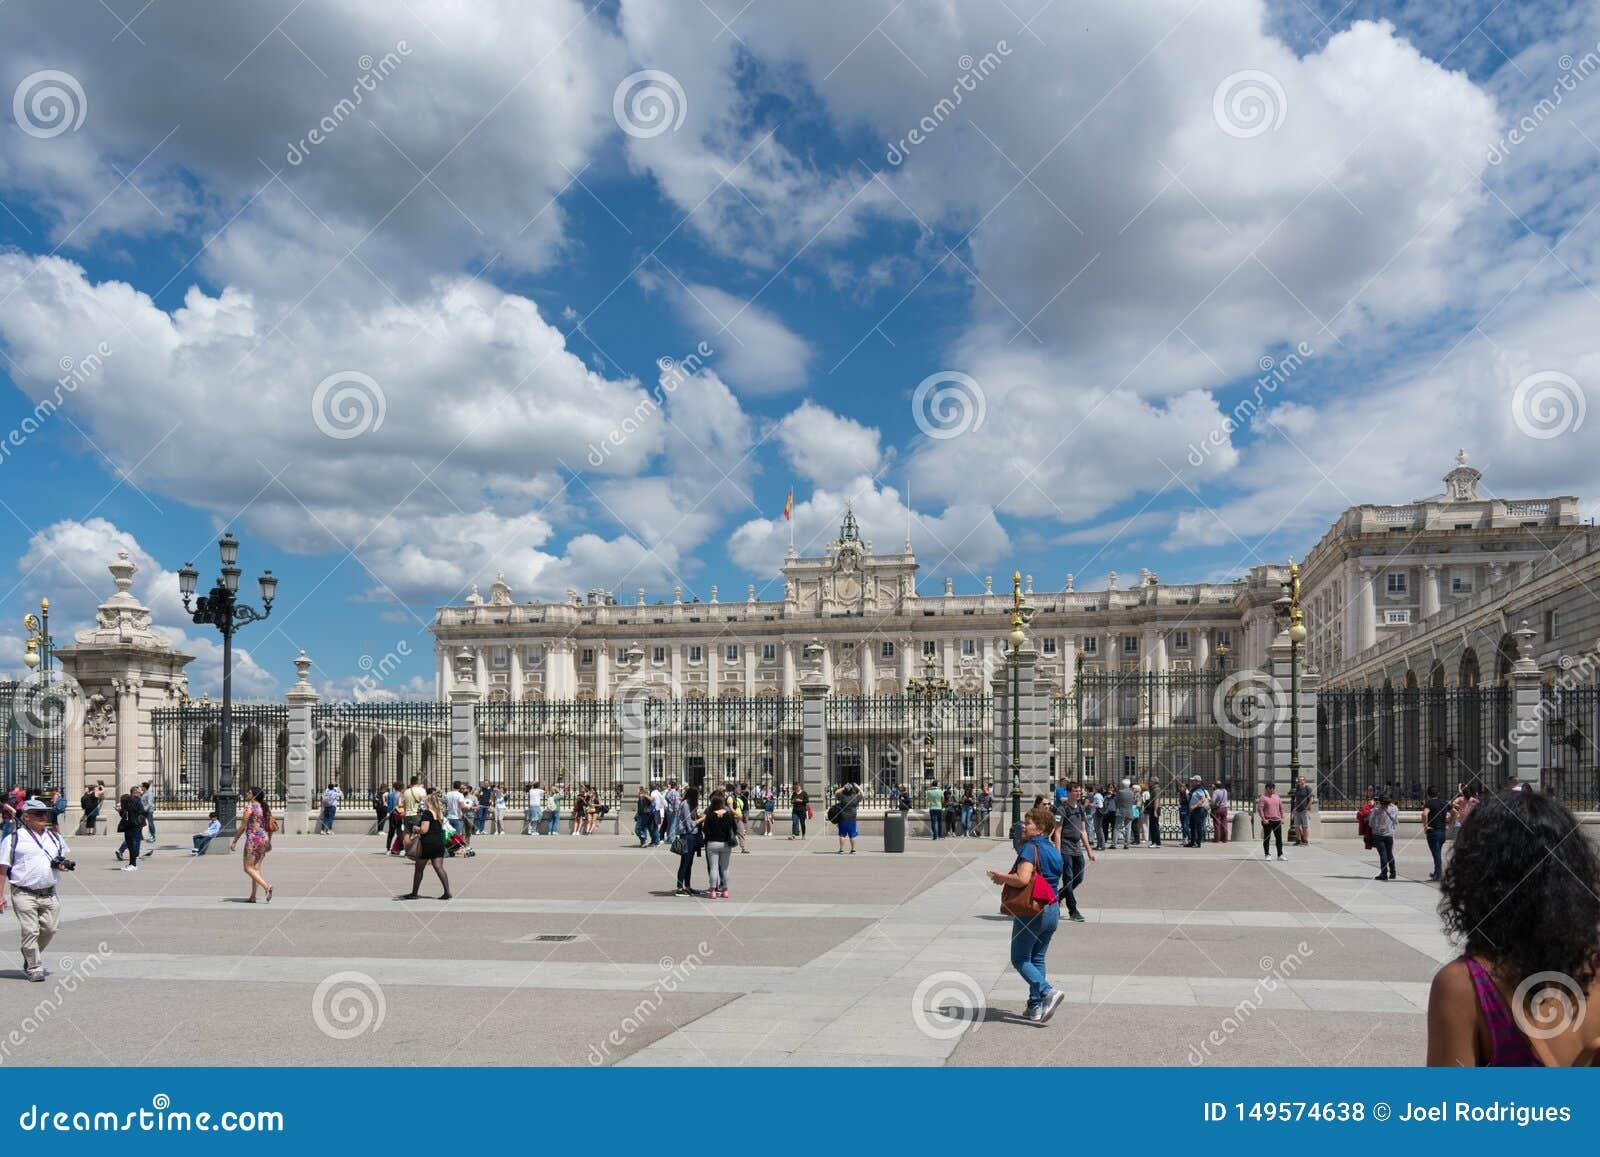 Мадрид, Испания - 11-ое мая 2018: Толпа перед королевским дворцом в Мадриде на солнечный день